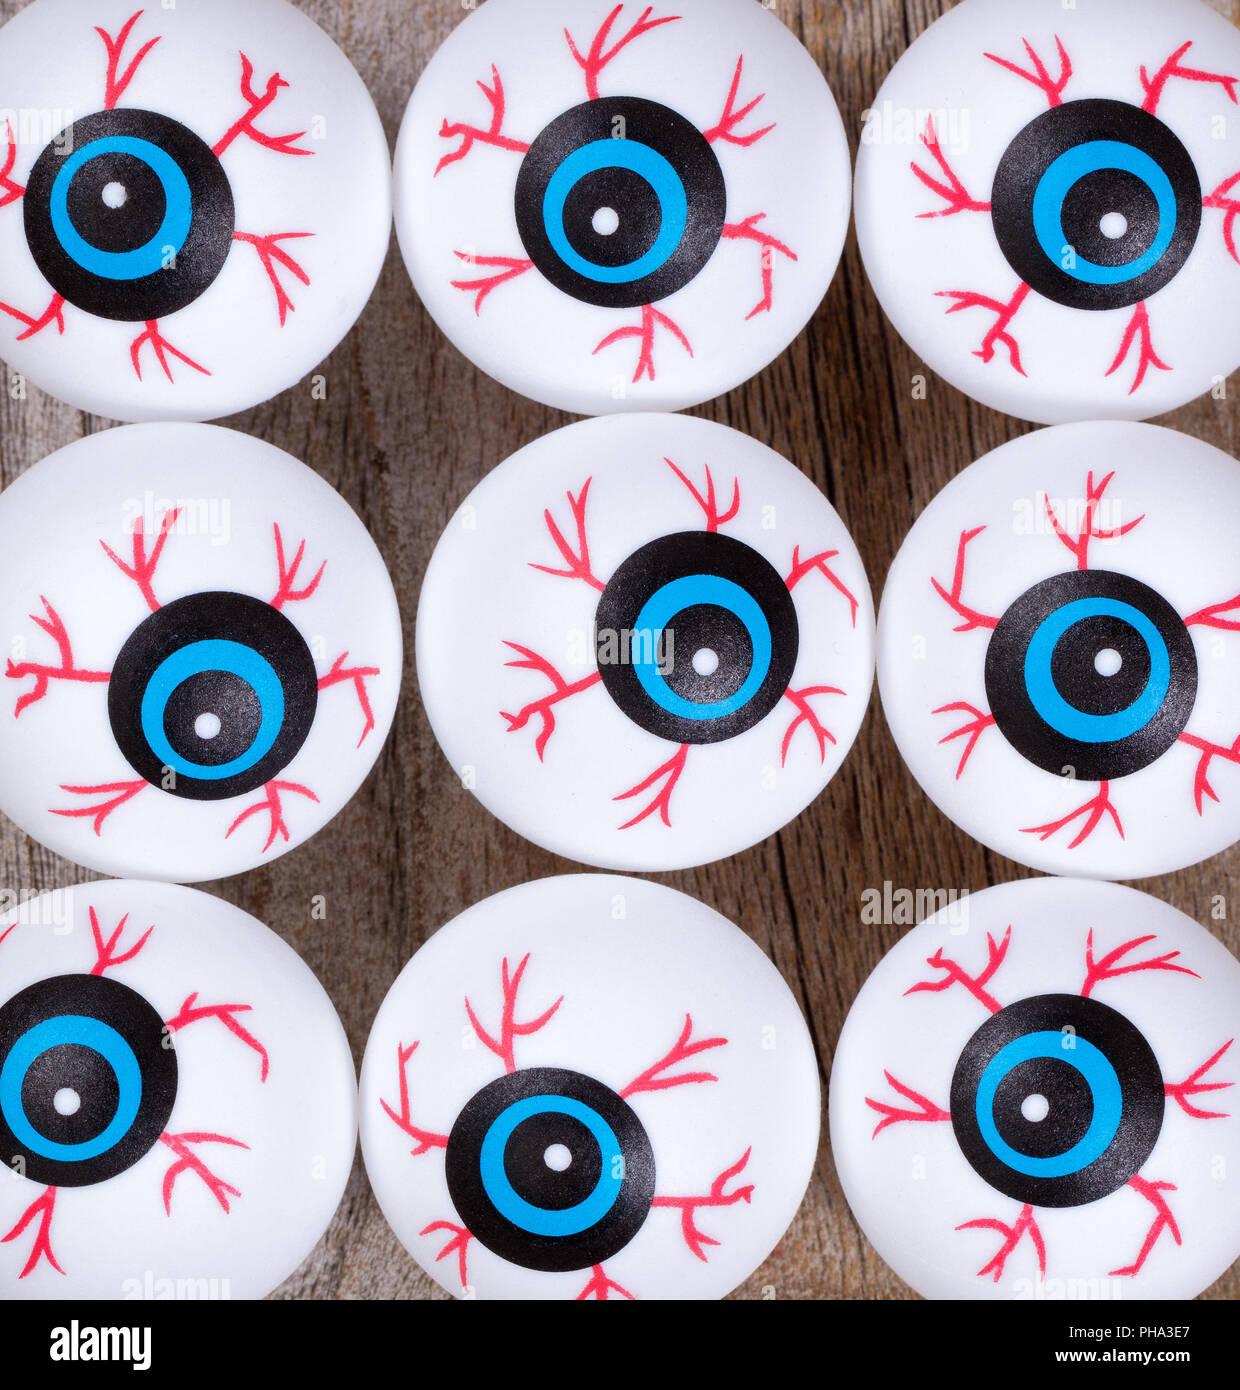 Scary eyeballs for Halloween season on rustic wood - Stock Image